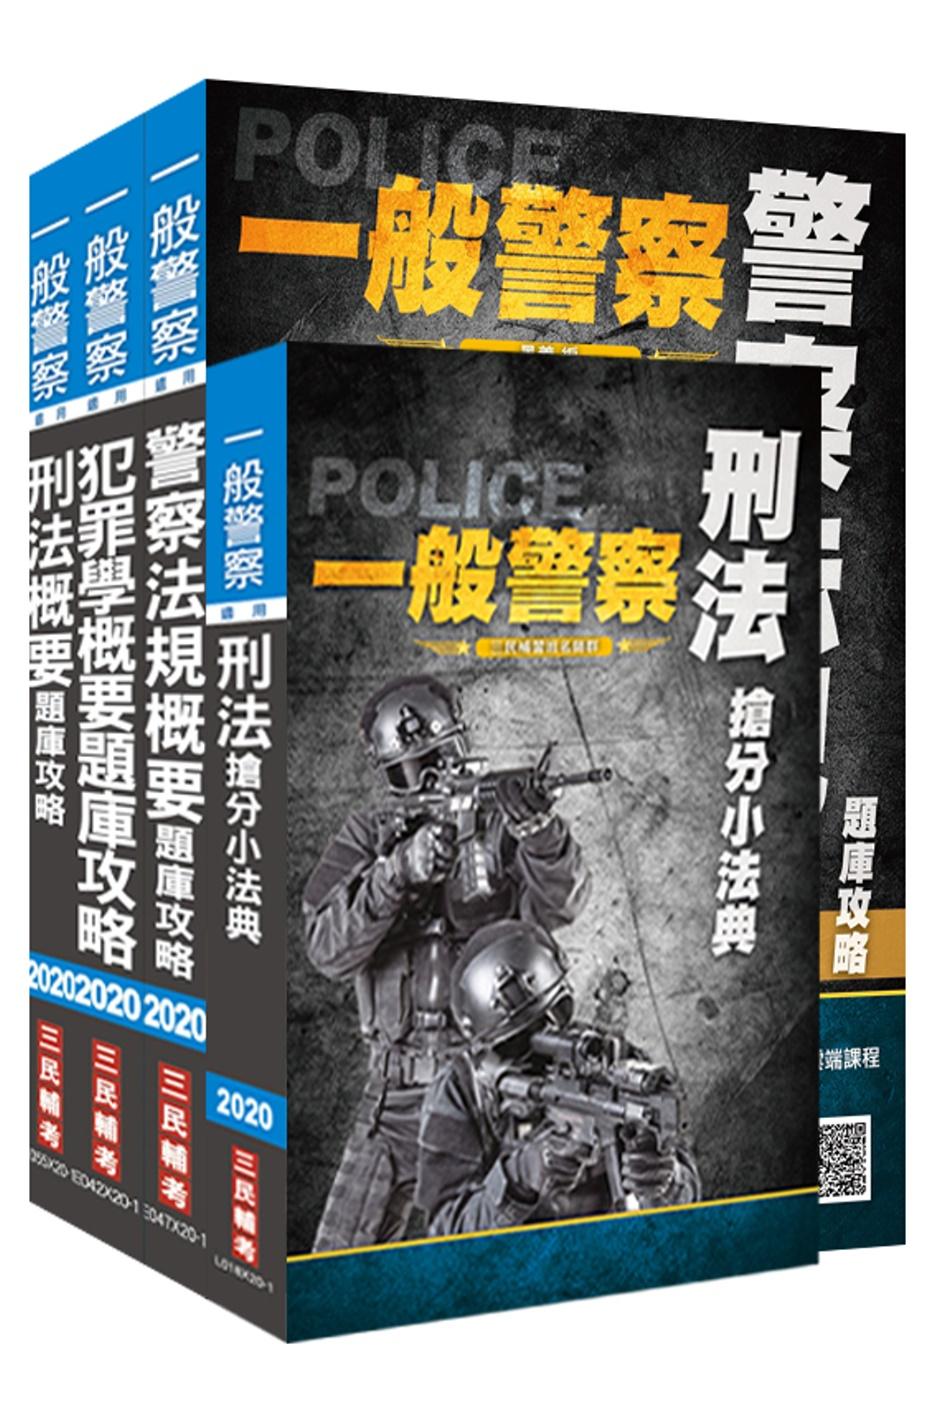 2020年一般警察特考[行政警察][專業科目]題庫套書(總題數高達1760題)(贈刑法搶分小法典)